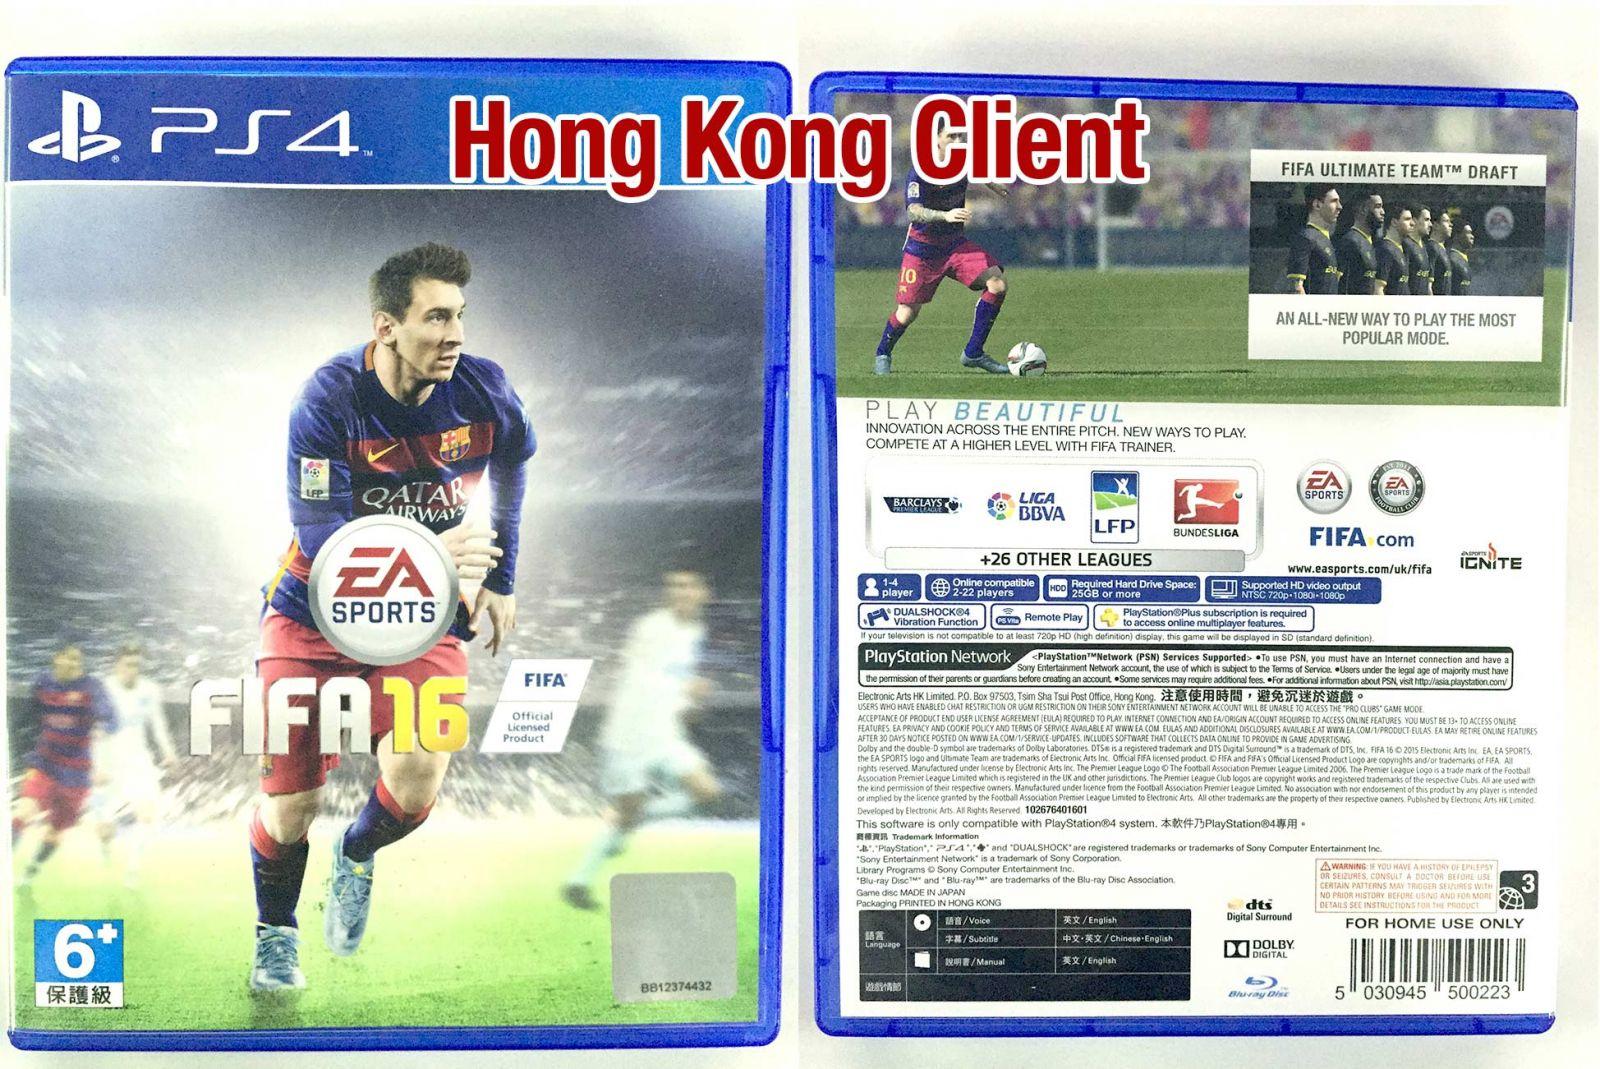 Hong Kong Client